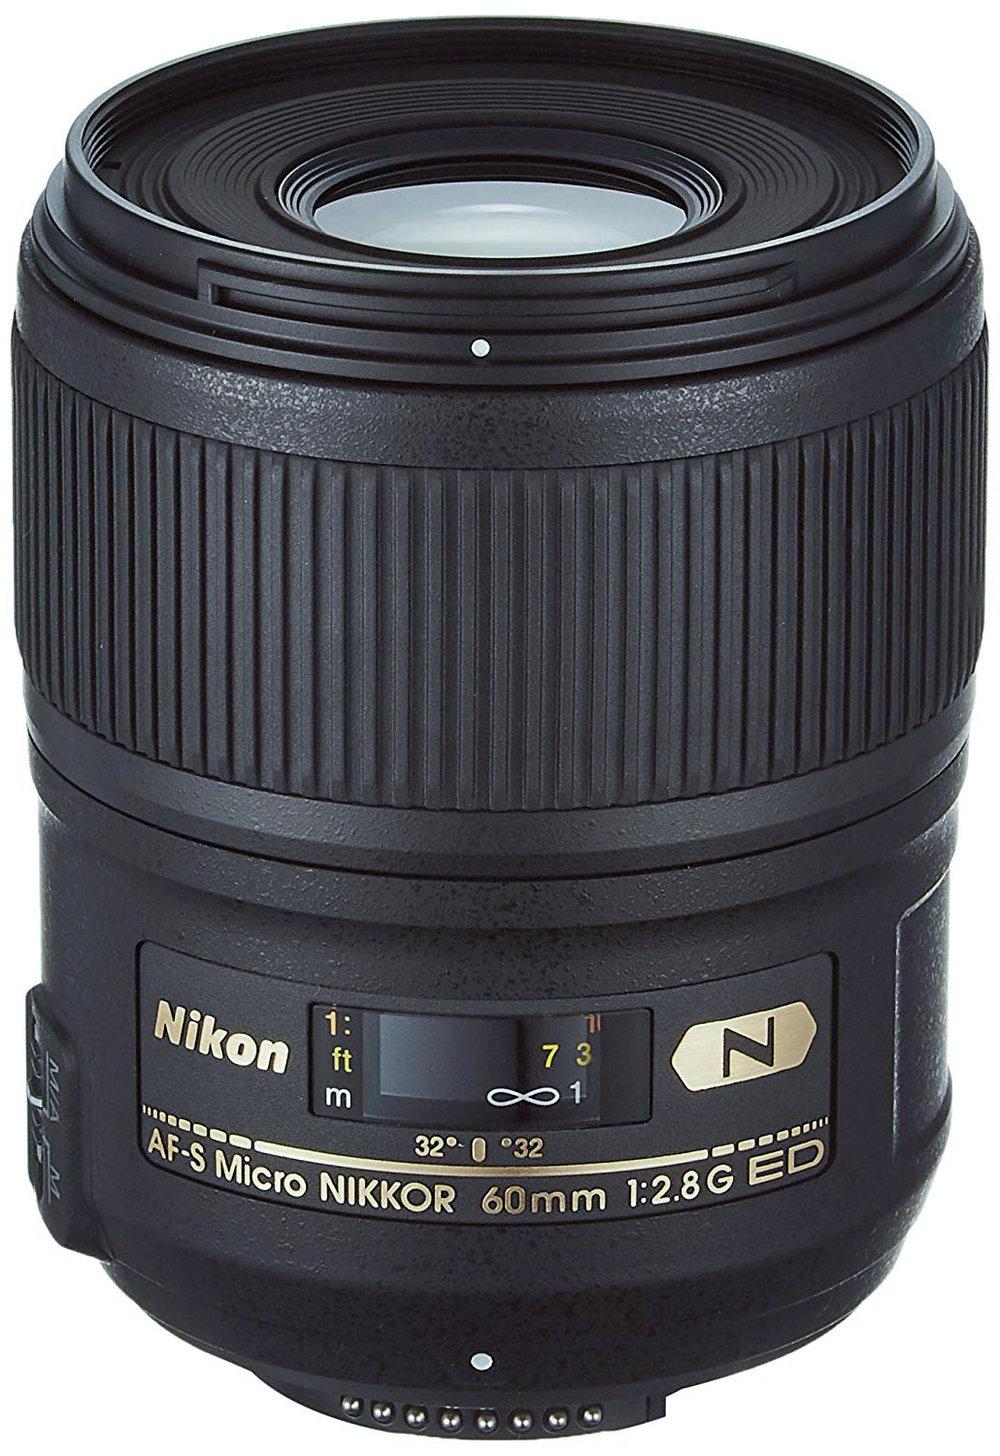 Nikon AF-S NIKKOR 60mm f2.8G ED Micro/Macro